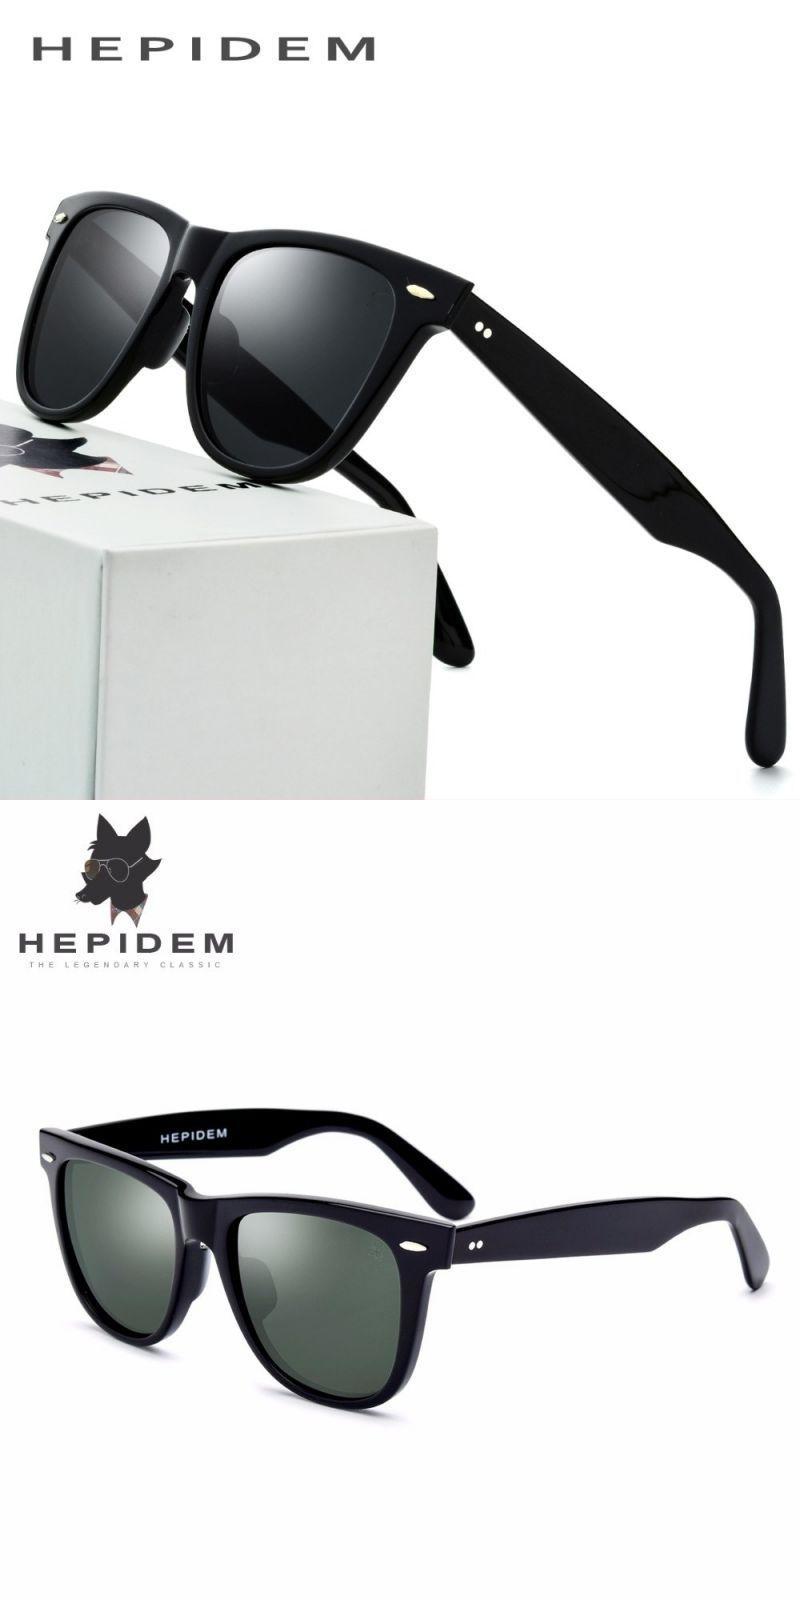 cb5f385dd17 Acetate sunglasses men brand designer d squared full high quality sunglass  mirror korean sun glasses for women with nylon lenses  sunglasses  eyewear   tac ...